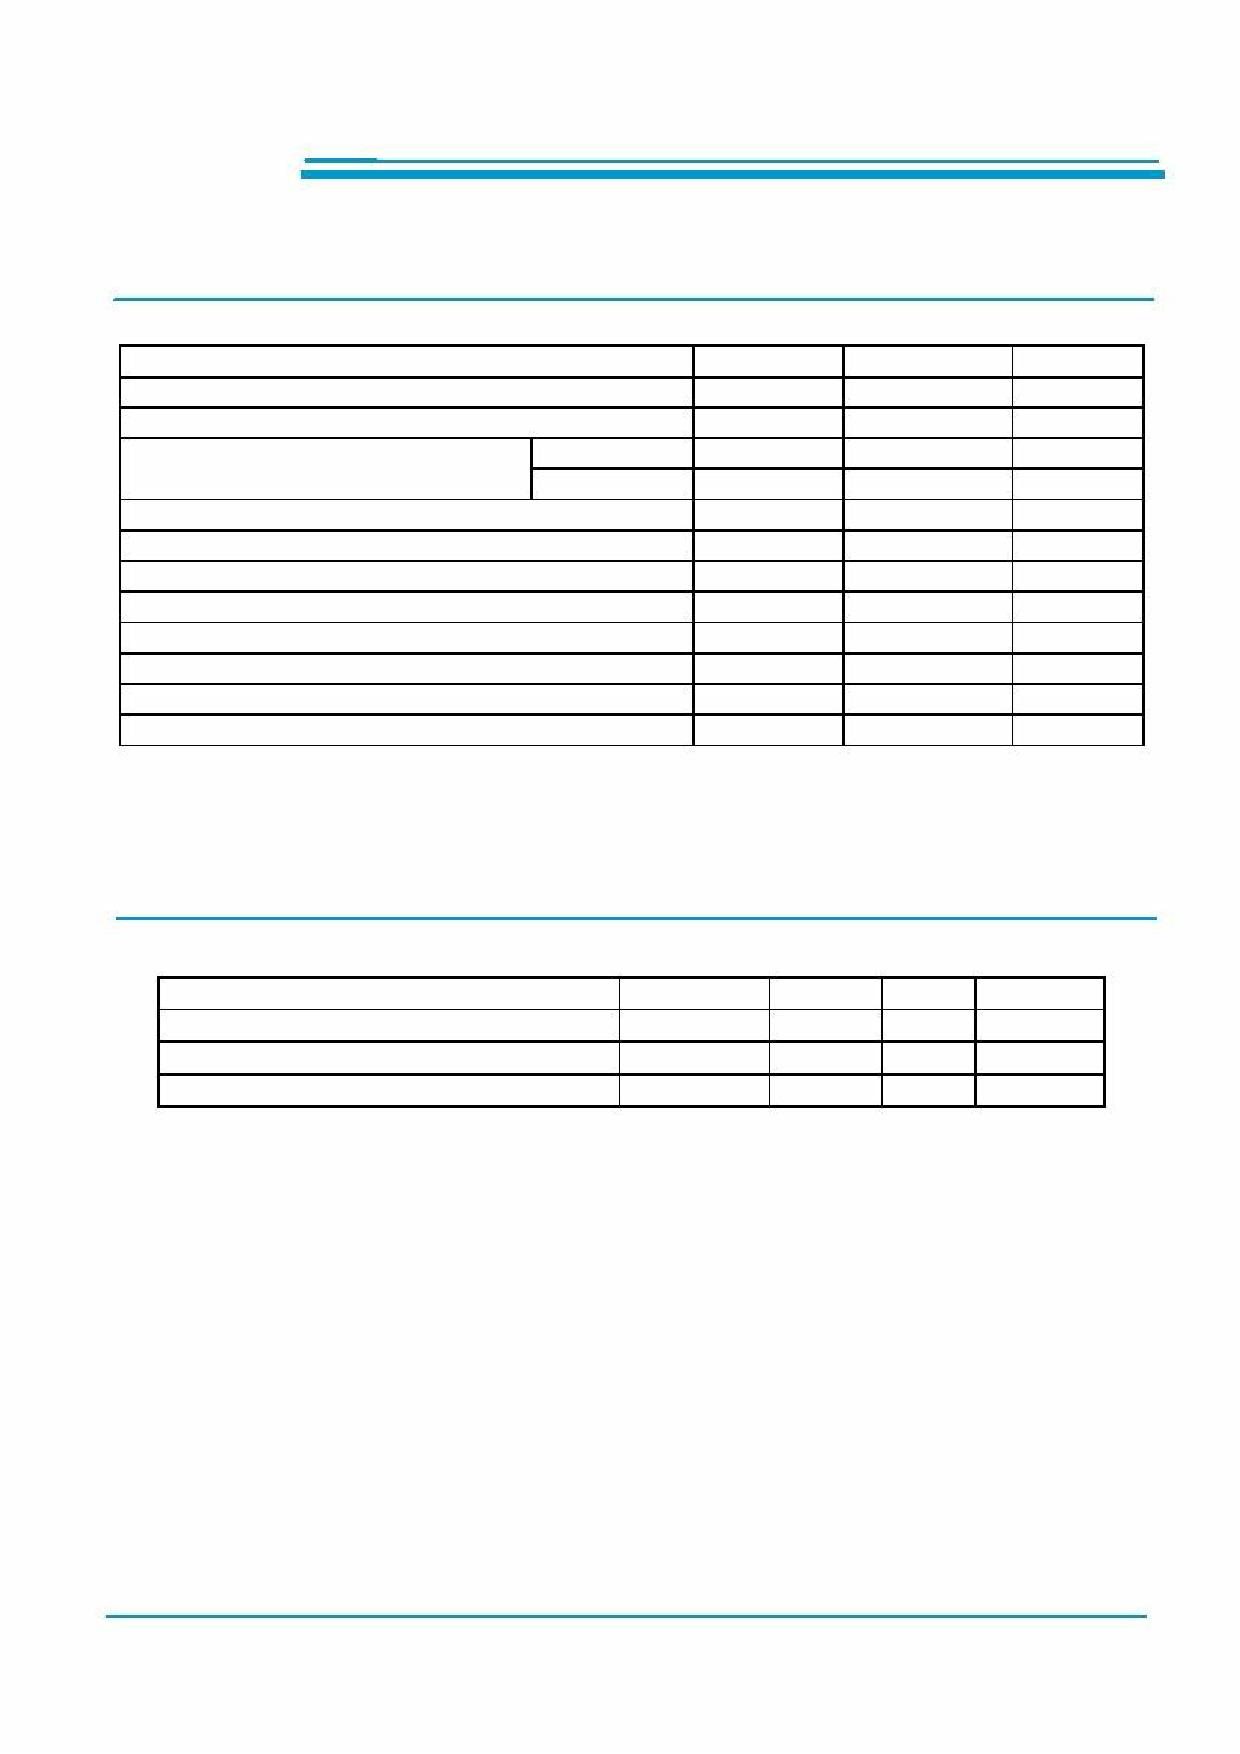 50N06 pdf, schematic